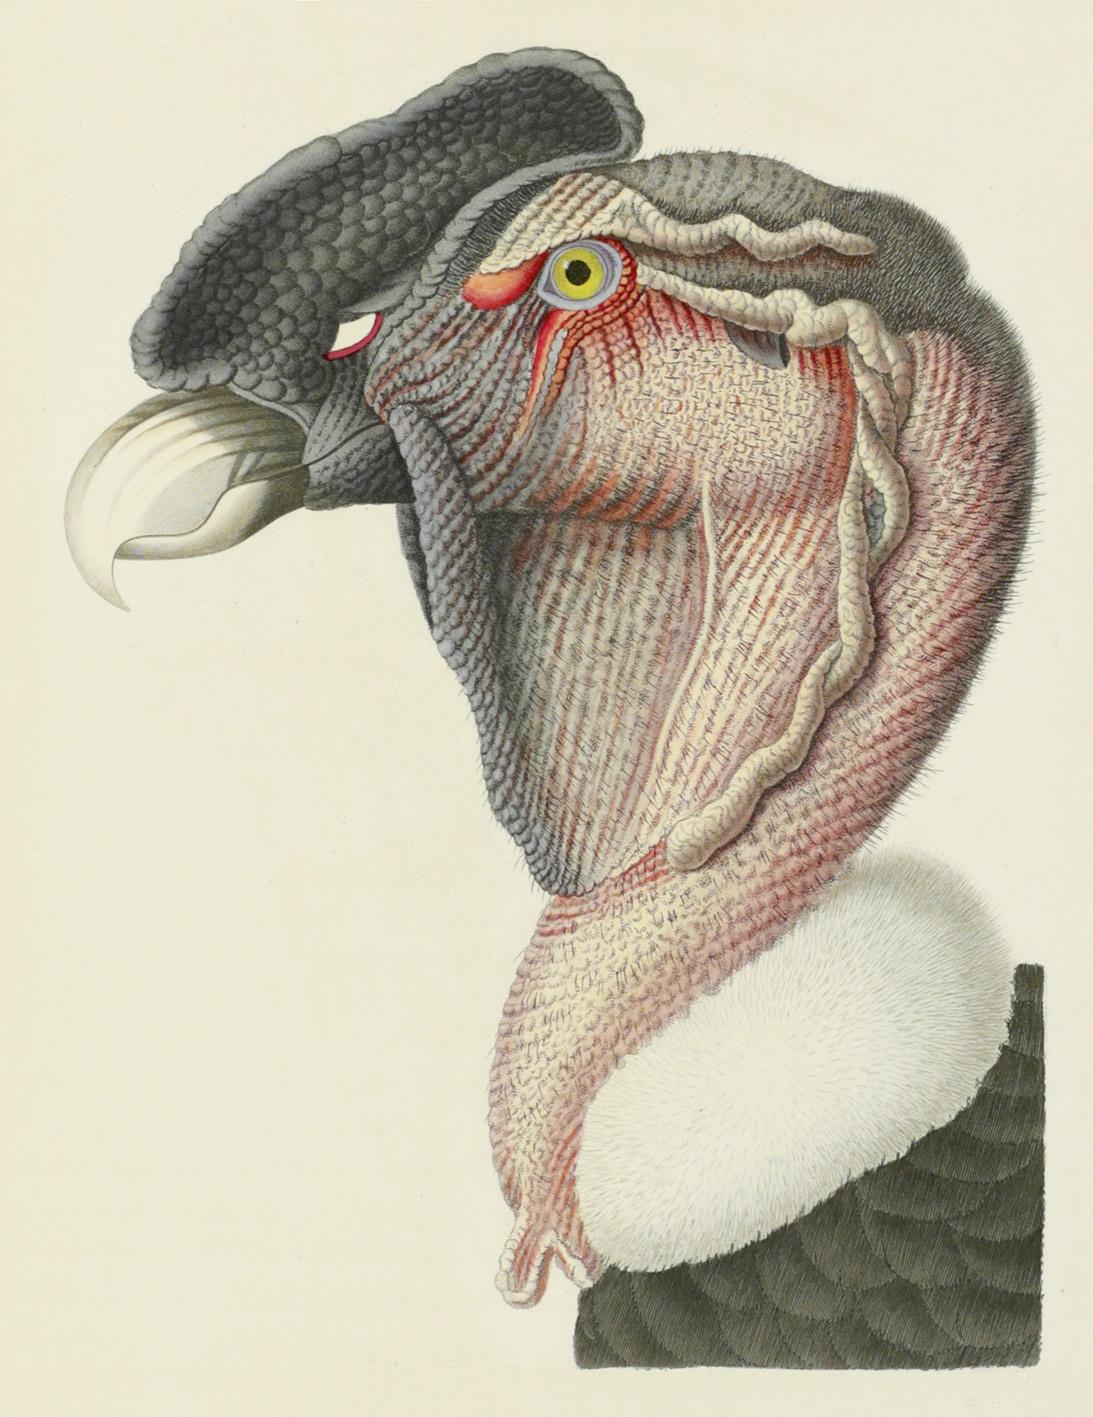 C.J. Temminck et G. Meiffren Laugier de Chartrouse, Nouveau recueil de planches coloriées d'oiseaux, pour servir de suite et de complément aux planche